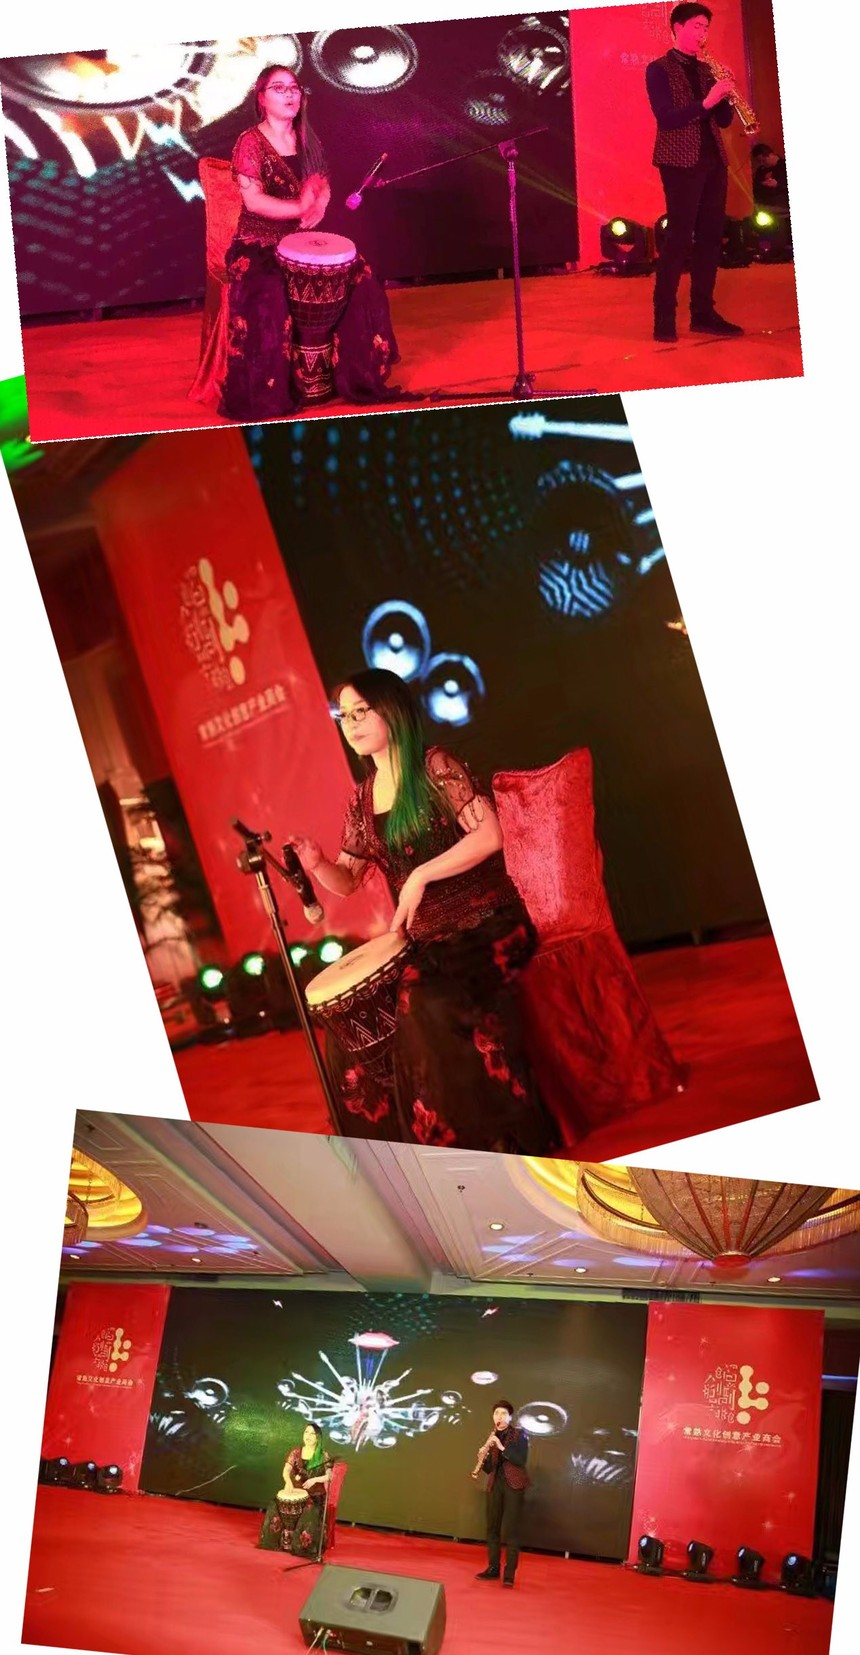 常熟文创协会2016年年会,赵益红的敲鼓《小宝贝》作为开场节目,掀起了整个晚会的气氛4.jpg